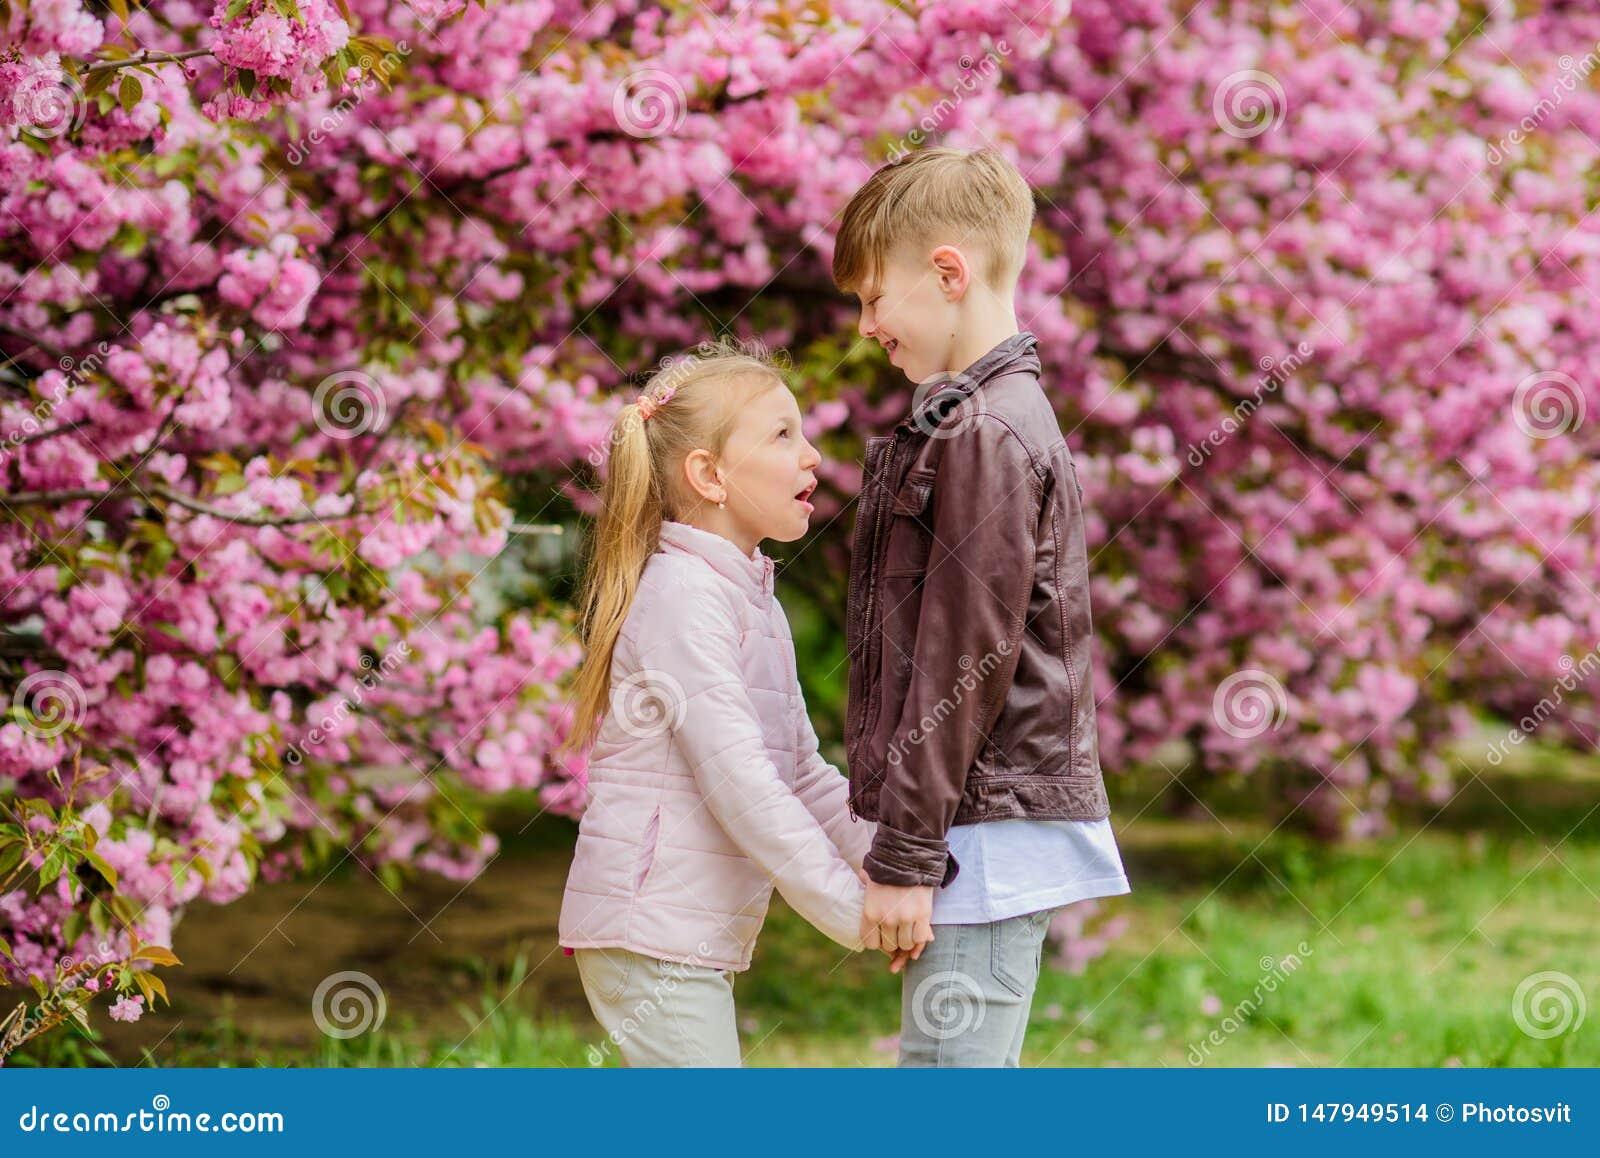 O amor est? no ar Sentimentos macios do amor Mi?dos felizes Data rom?ntica no parque Tempo de mola cair no amor Mi?dos